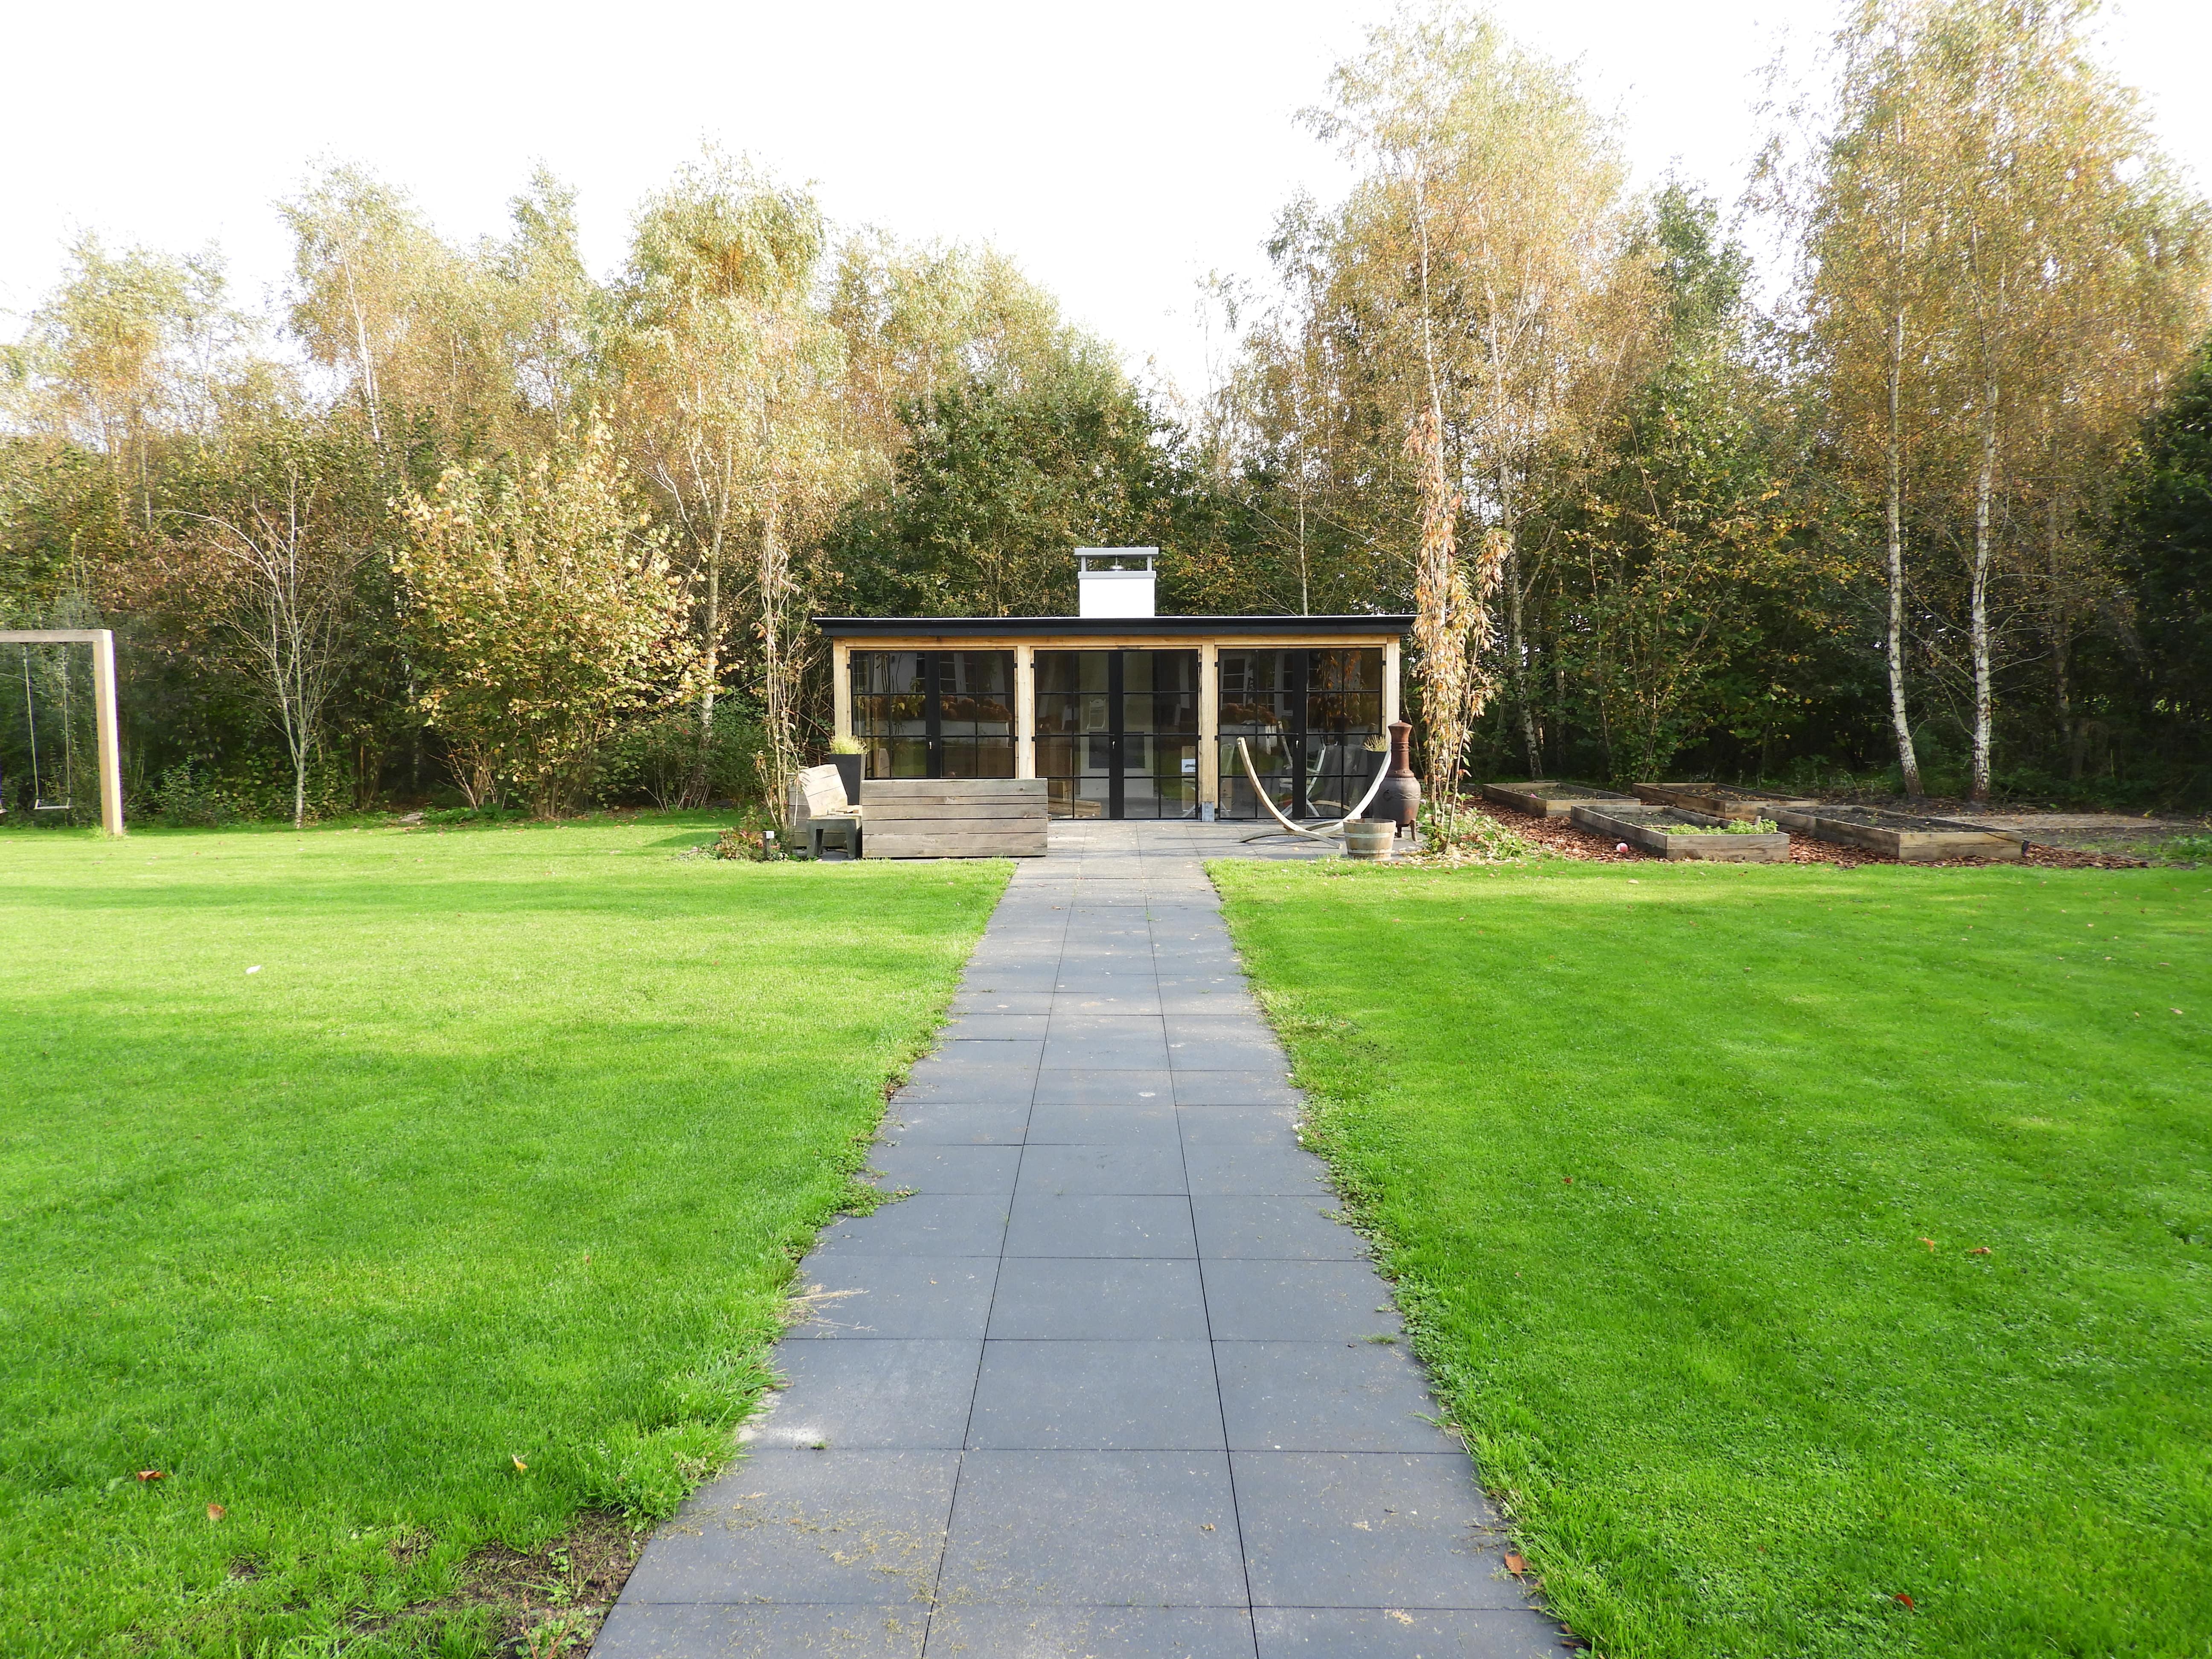 houten-tuinkamer-7 - Project Zwolle: Houten tuinkamer